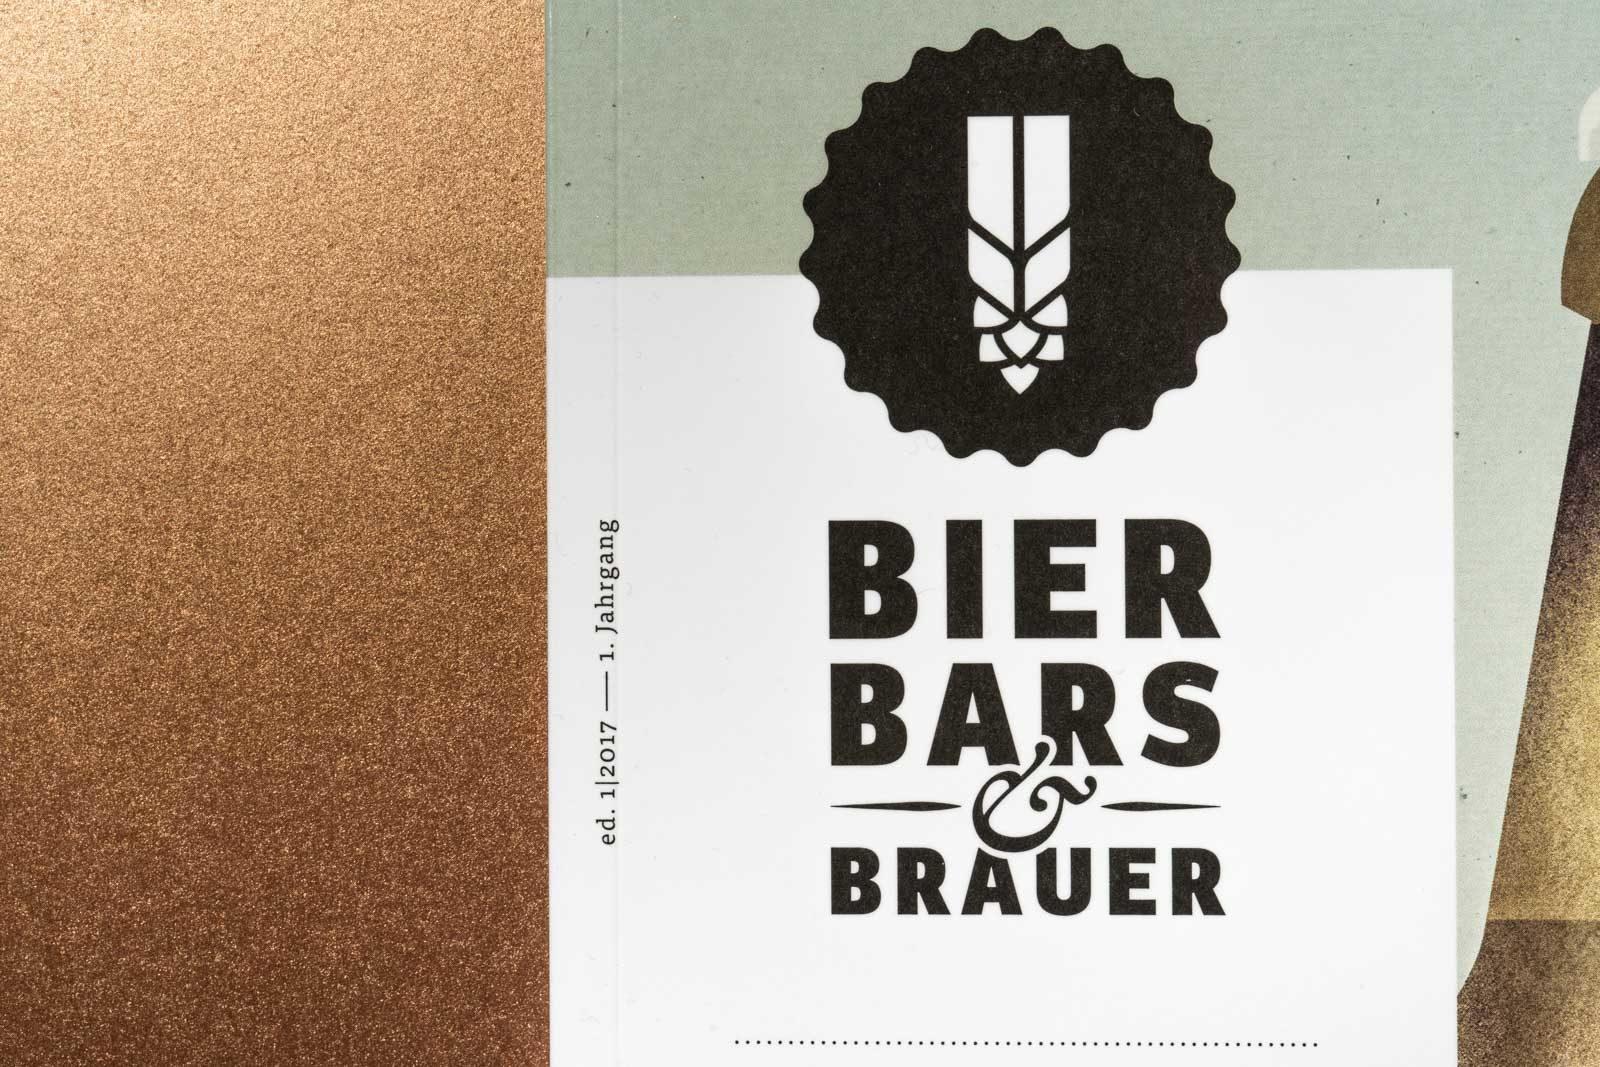 Editienne Grafikdesign - Kommunikationsdesign Berlin- Editorial Design für Bierliebhaber- Bier Bars&Brauer 15